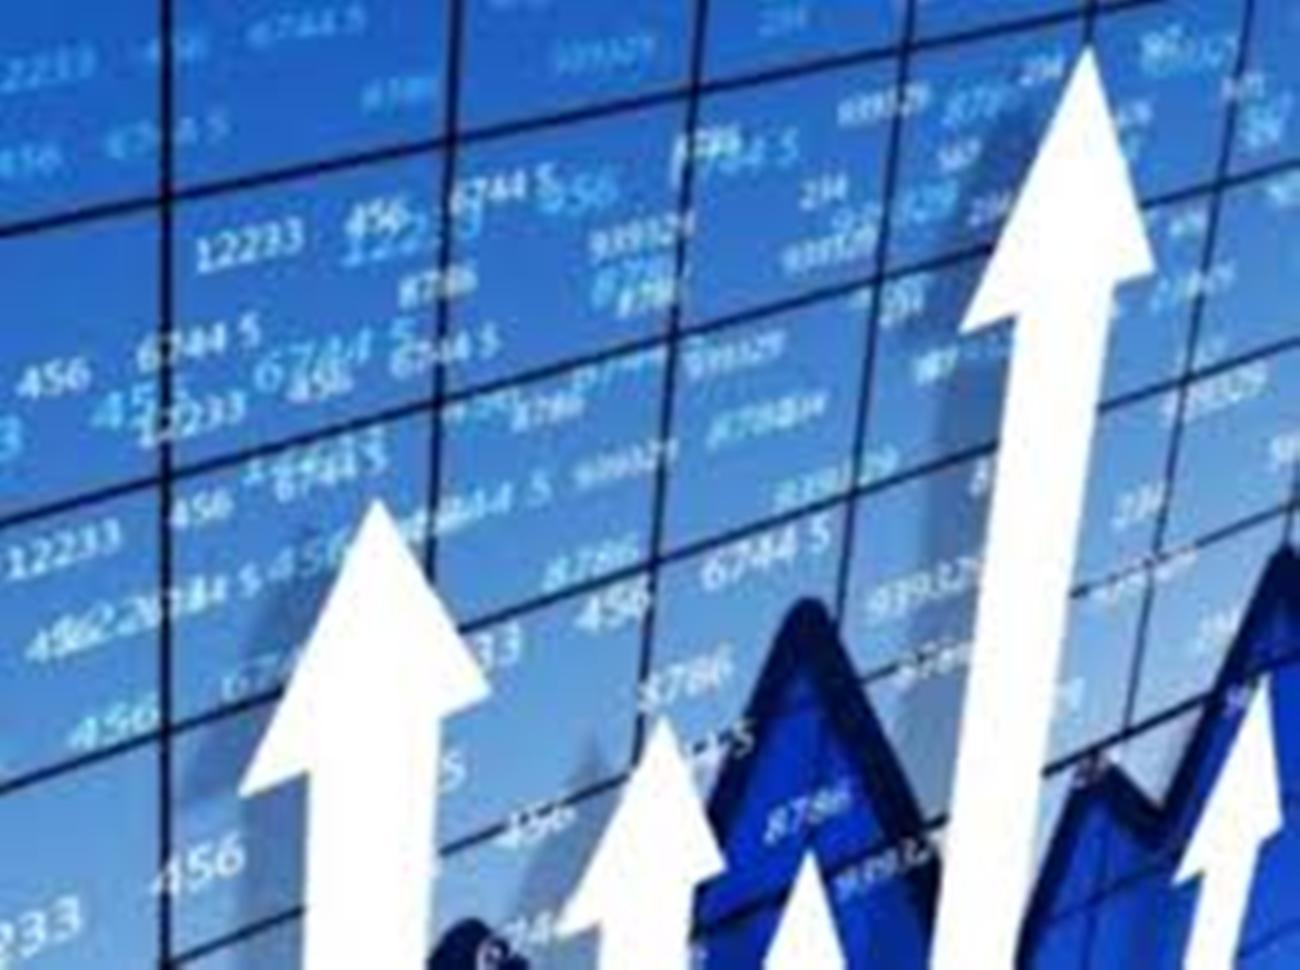 Azərbaycanın bank sektorunun gəliri il ərzində 1,5 dəfə artıb